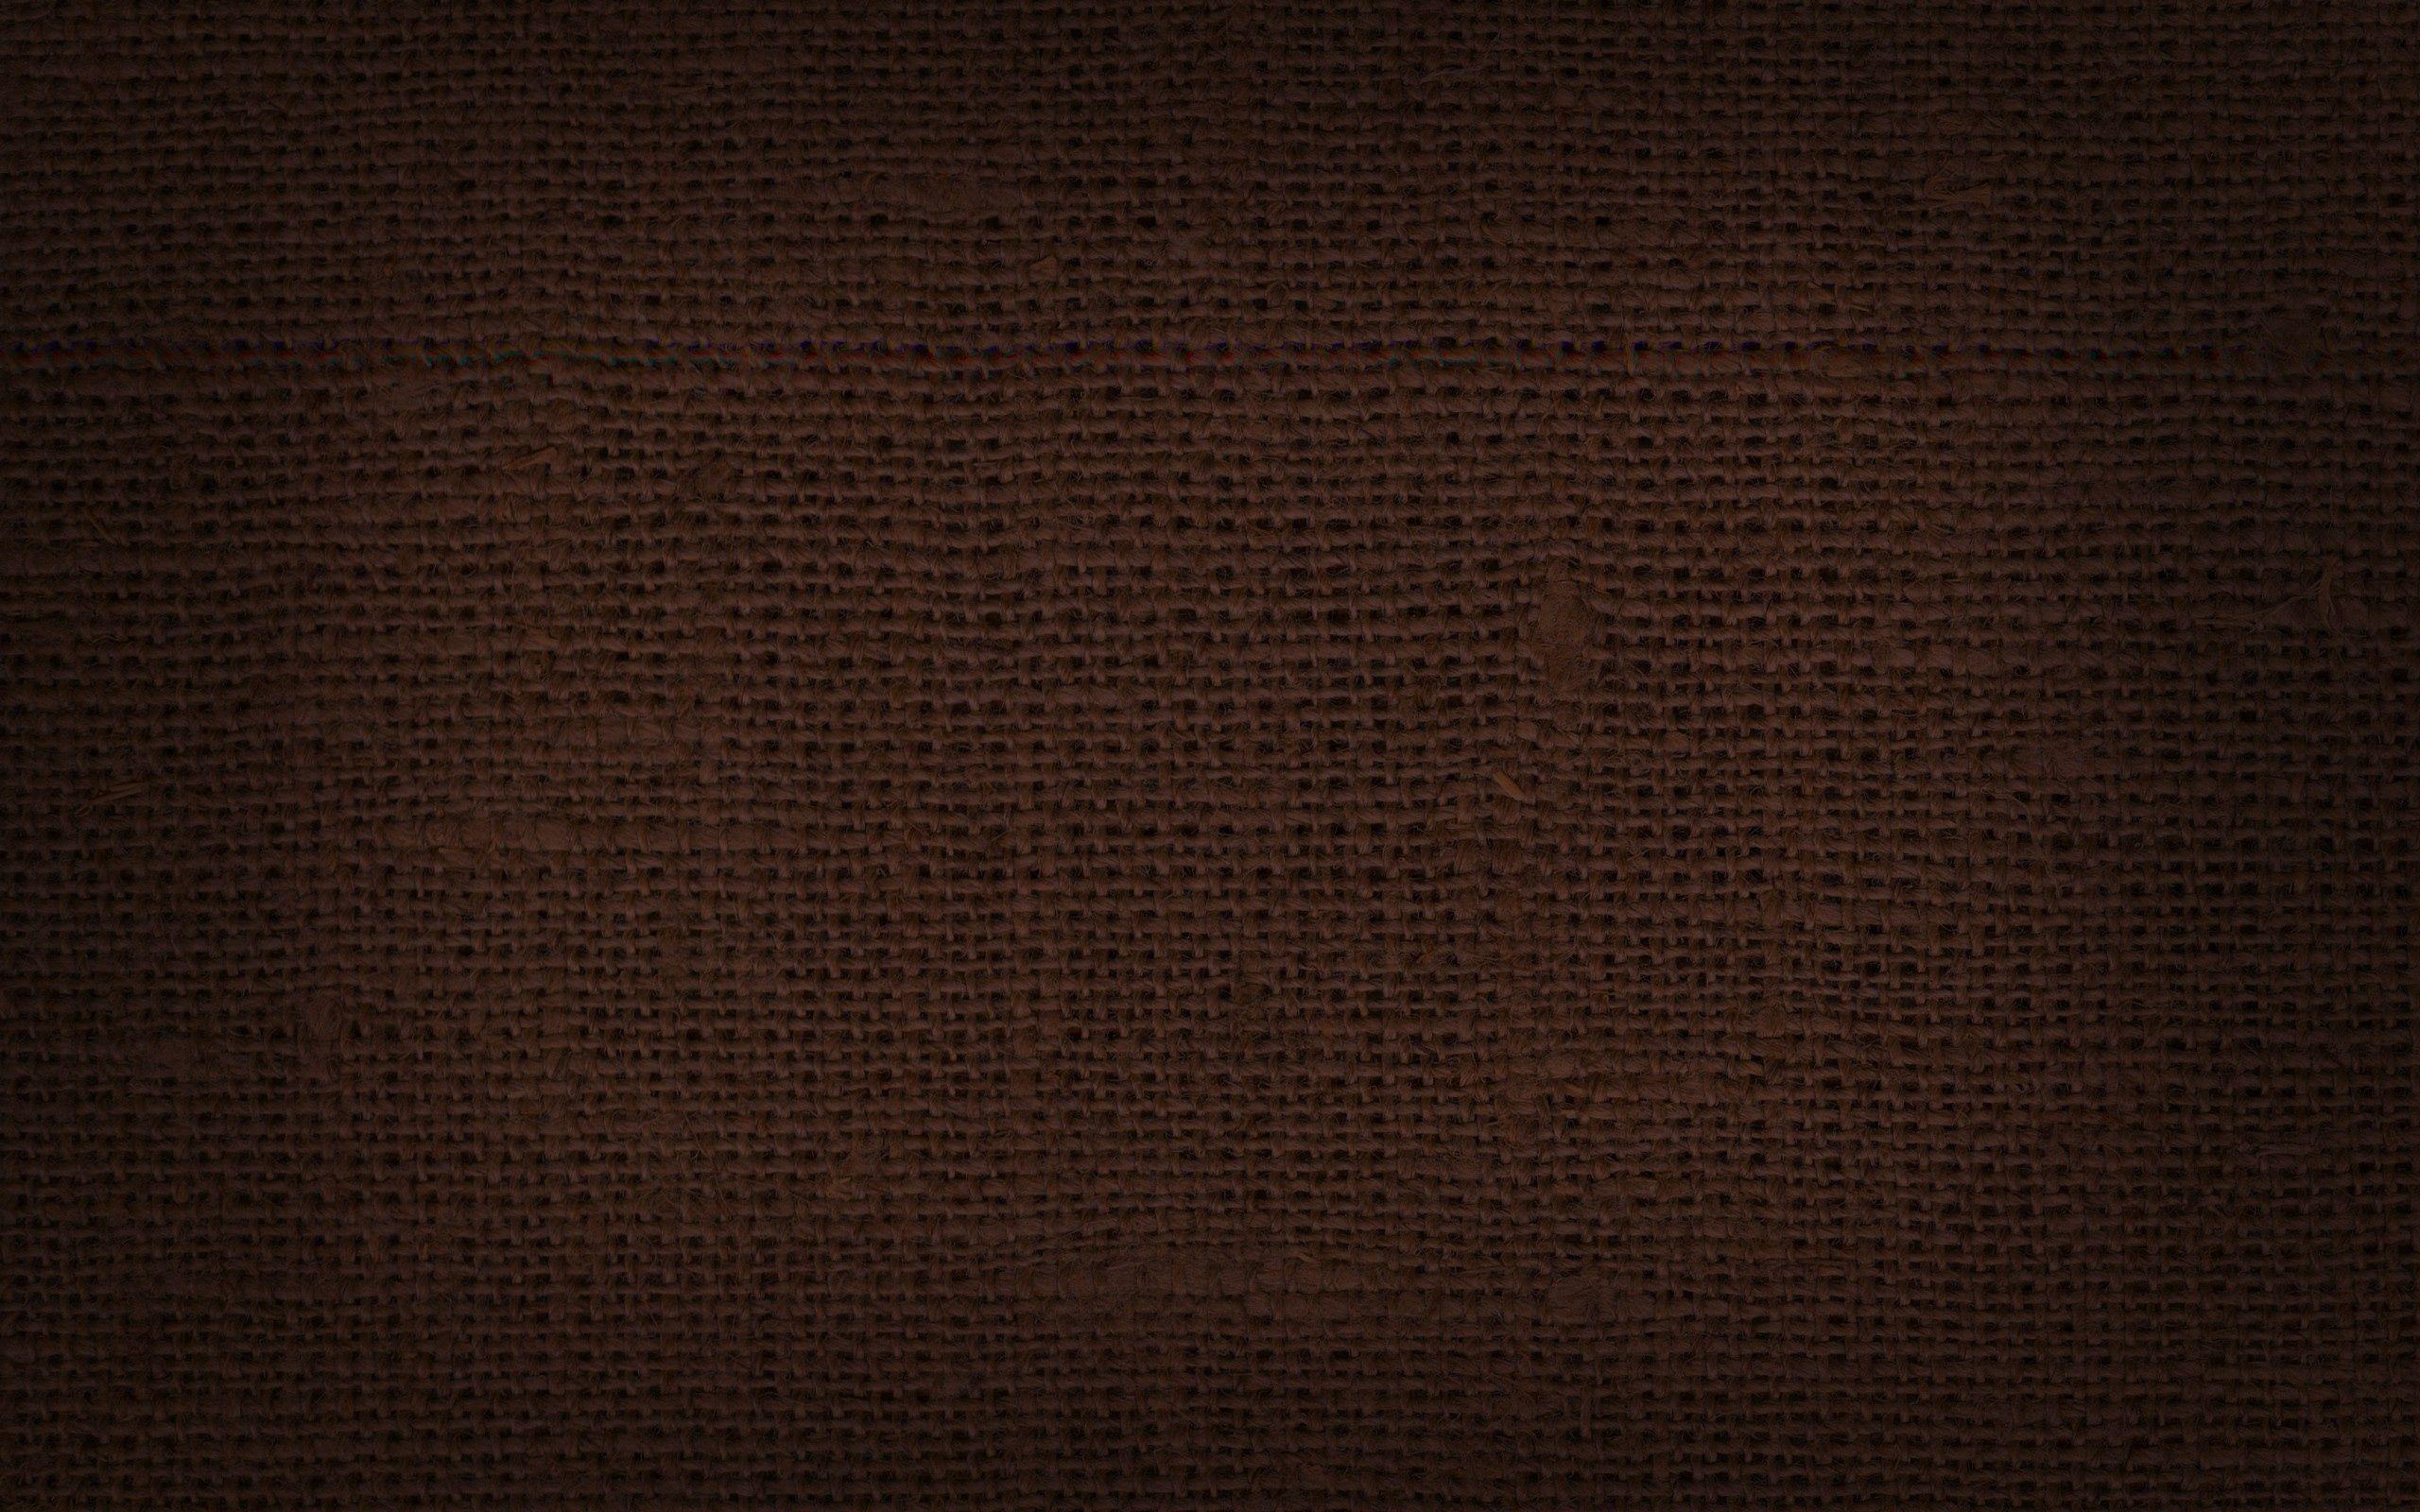 64548 завантажити шпалери Темний, Текстури, Сітка, Тканина, Тканини, Клітини - заставки і картинки безкоштовно